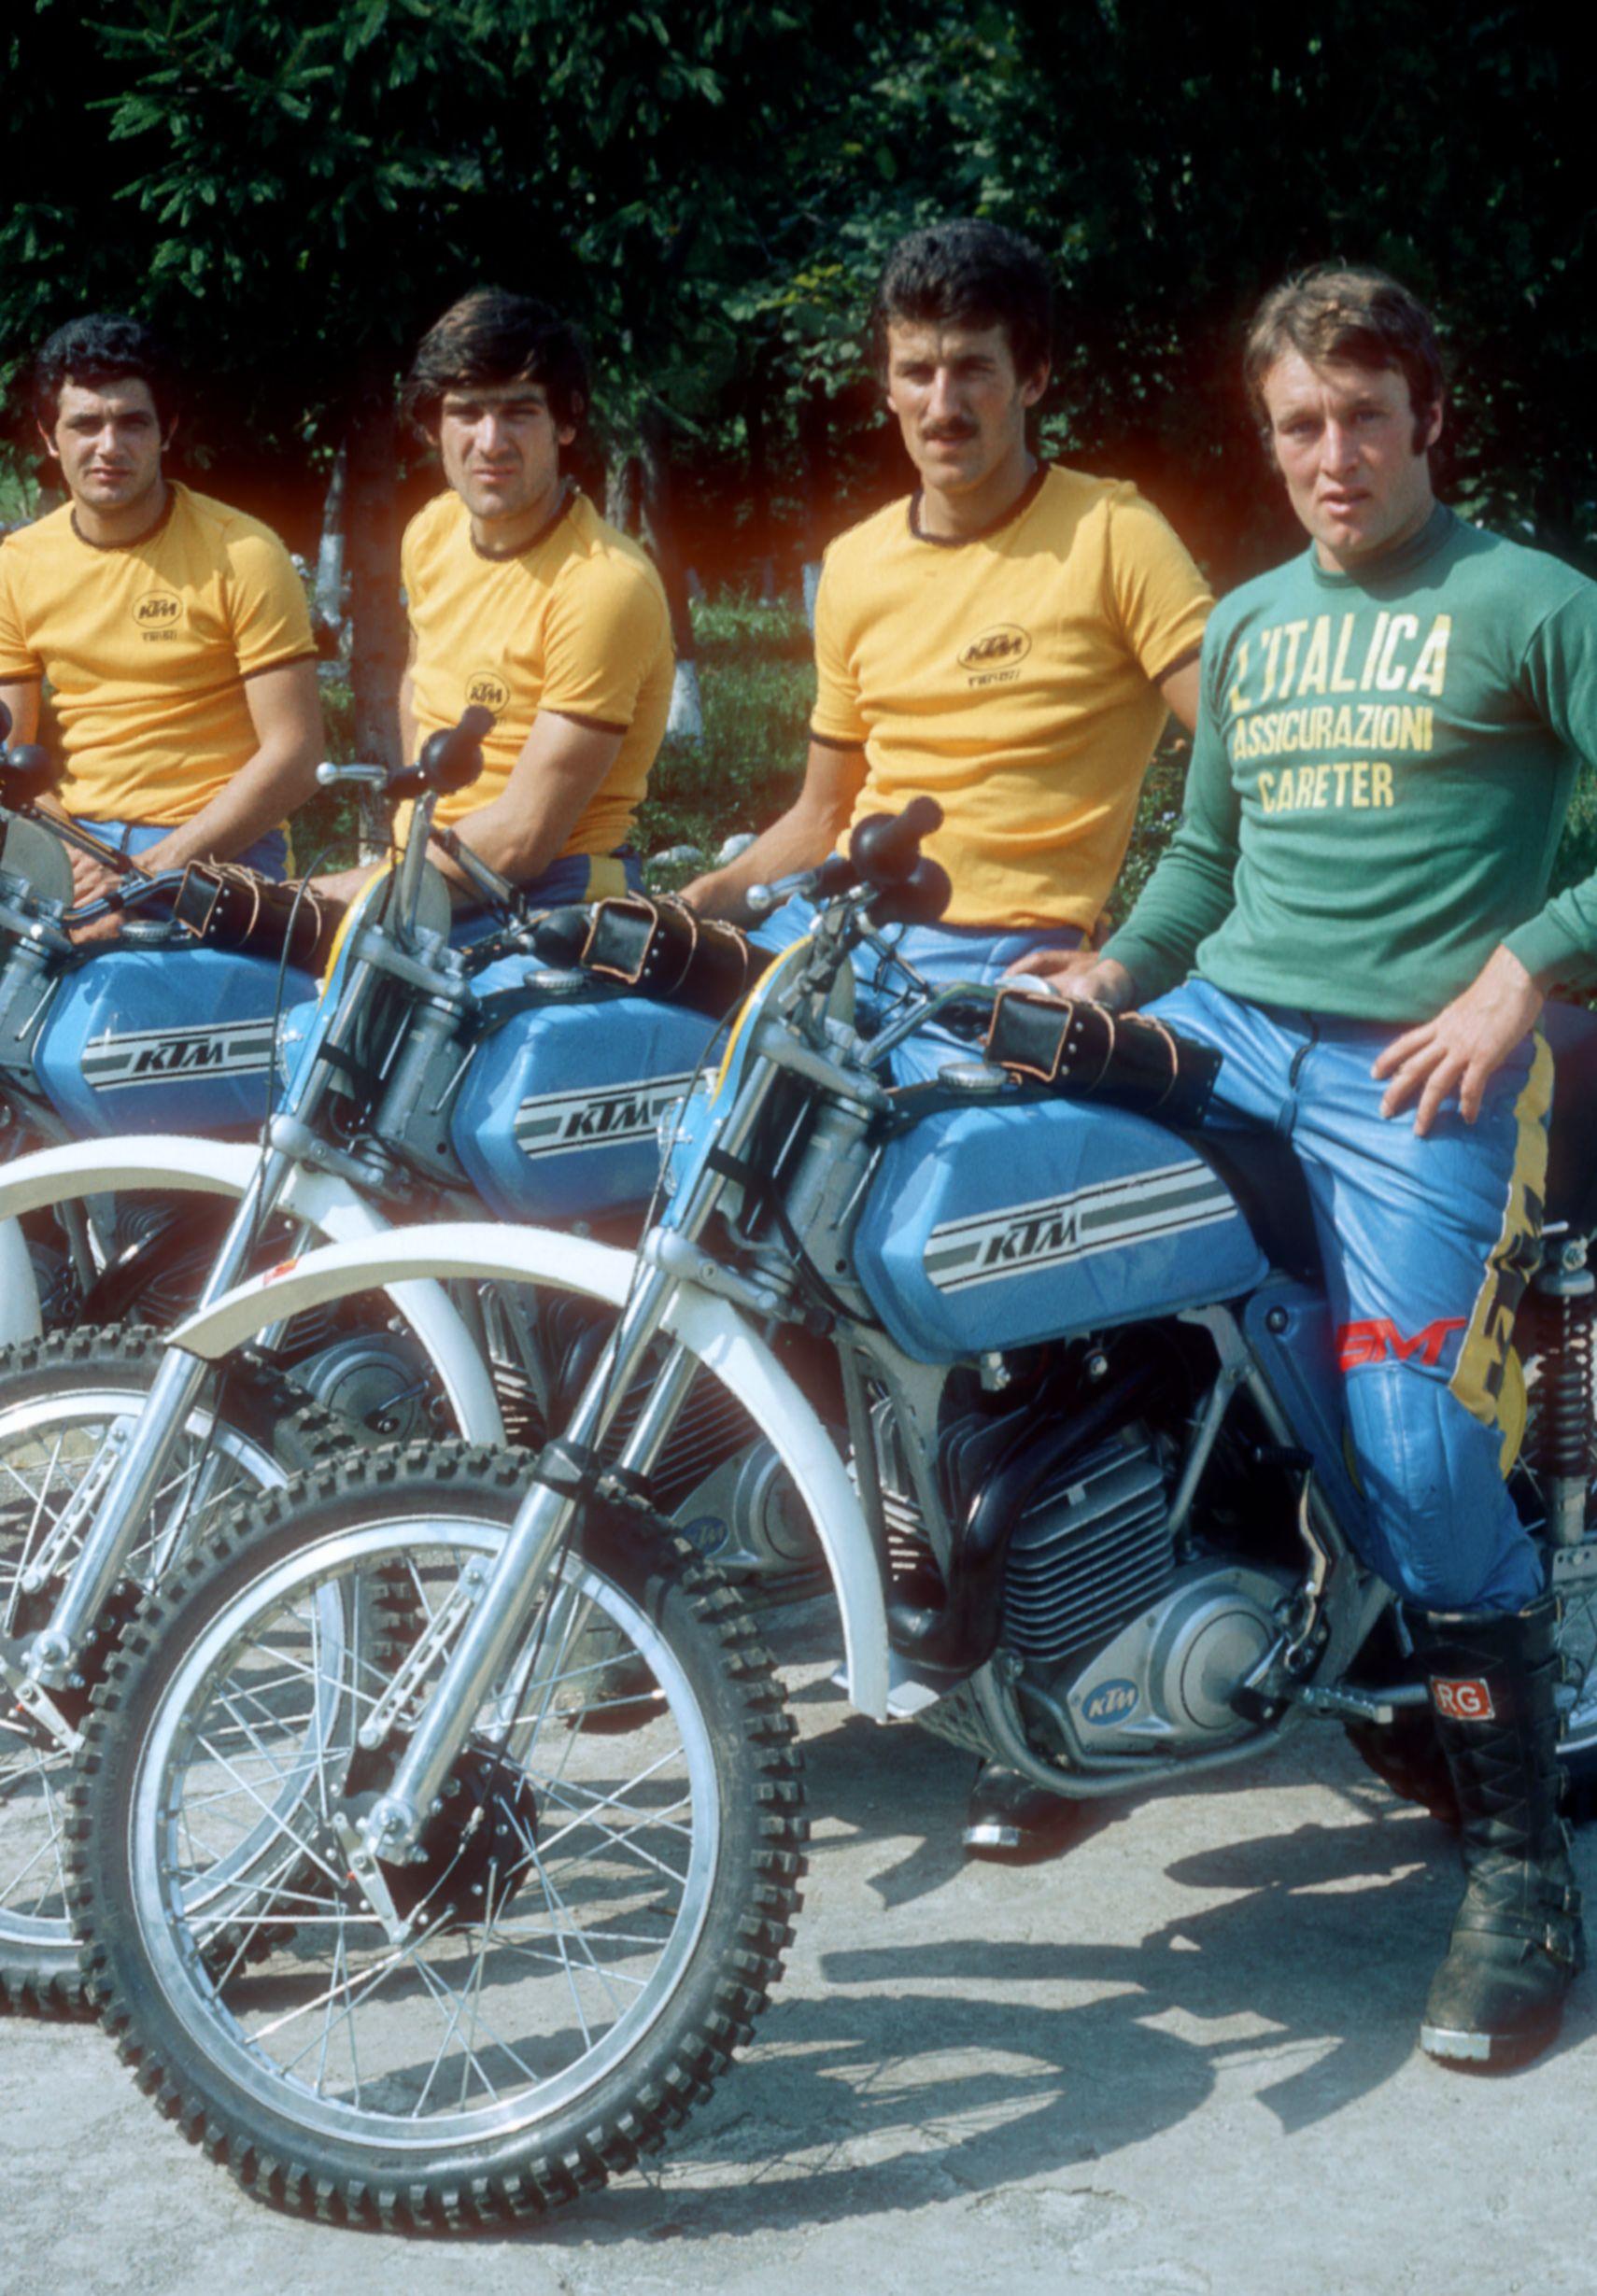 Imerio Testori And The Official Ktm Team Vintage Motocross Enduro Motorcycle Enduro Motocross